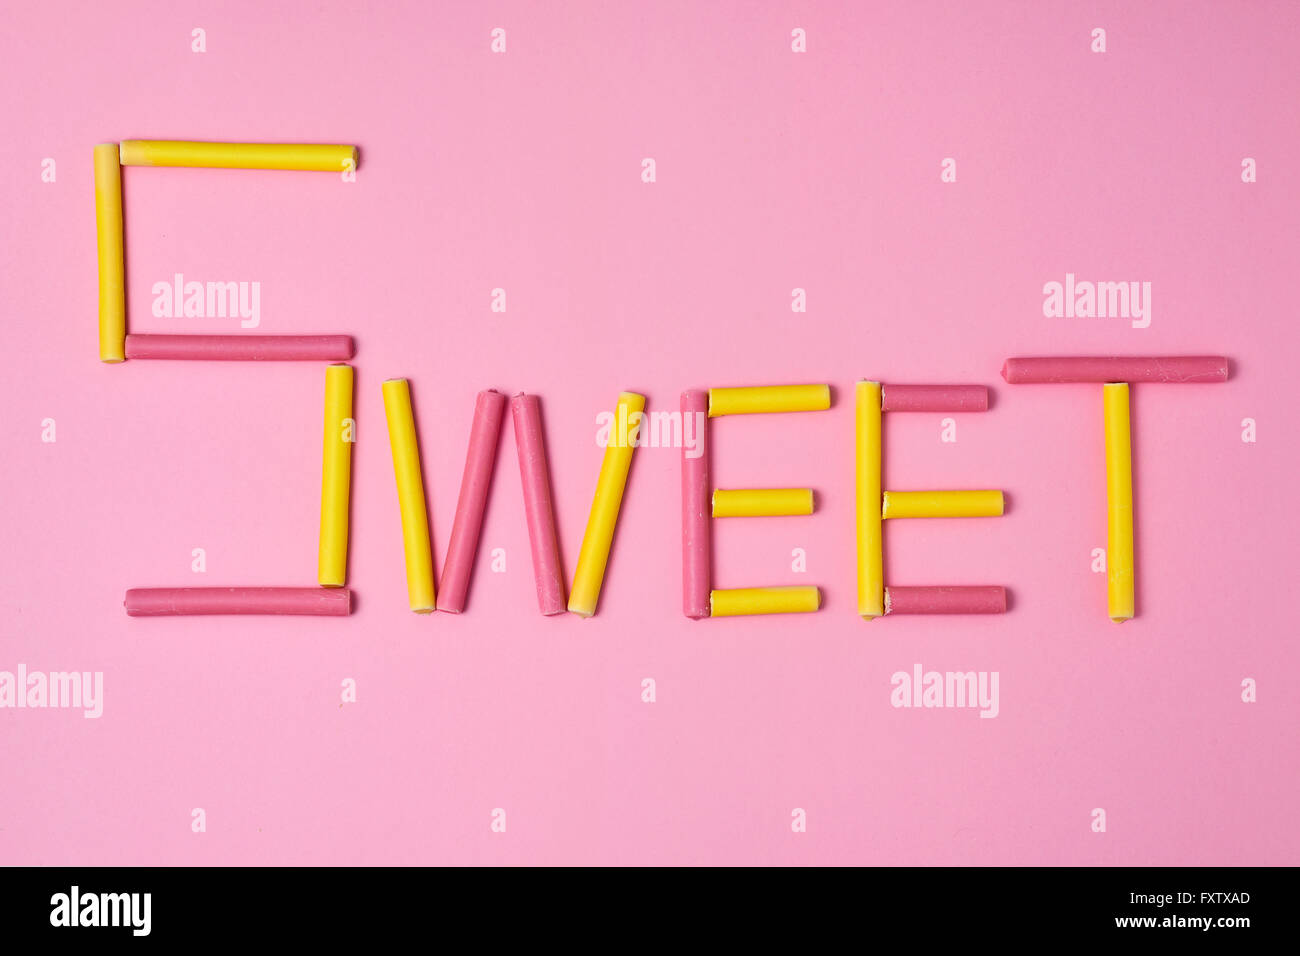 gelb und rosa beschichtet Marshmallows bilden die Wort süß auf einem rosa Hintergrund Stockbild